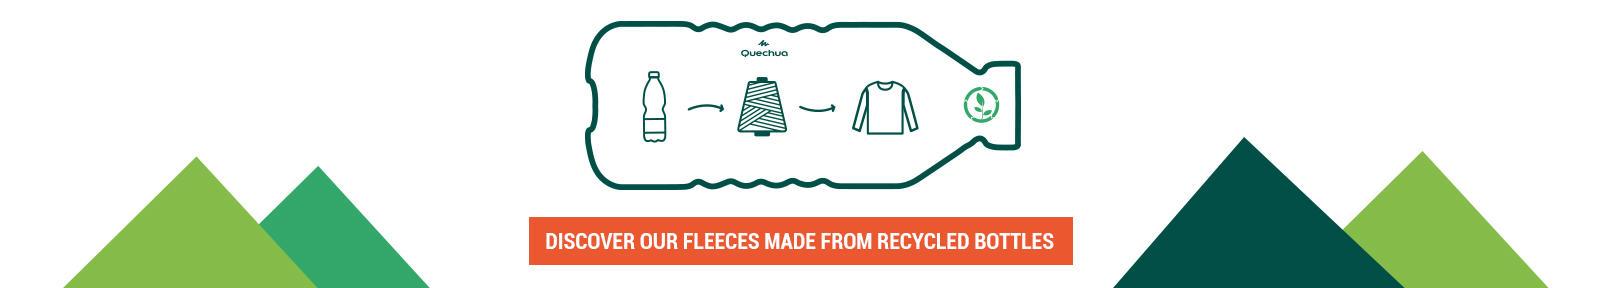 Recycled Fleeces Quechua